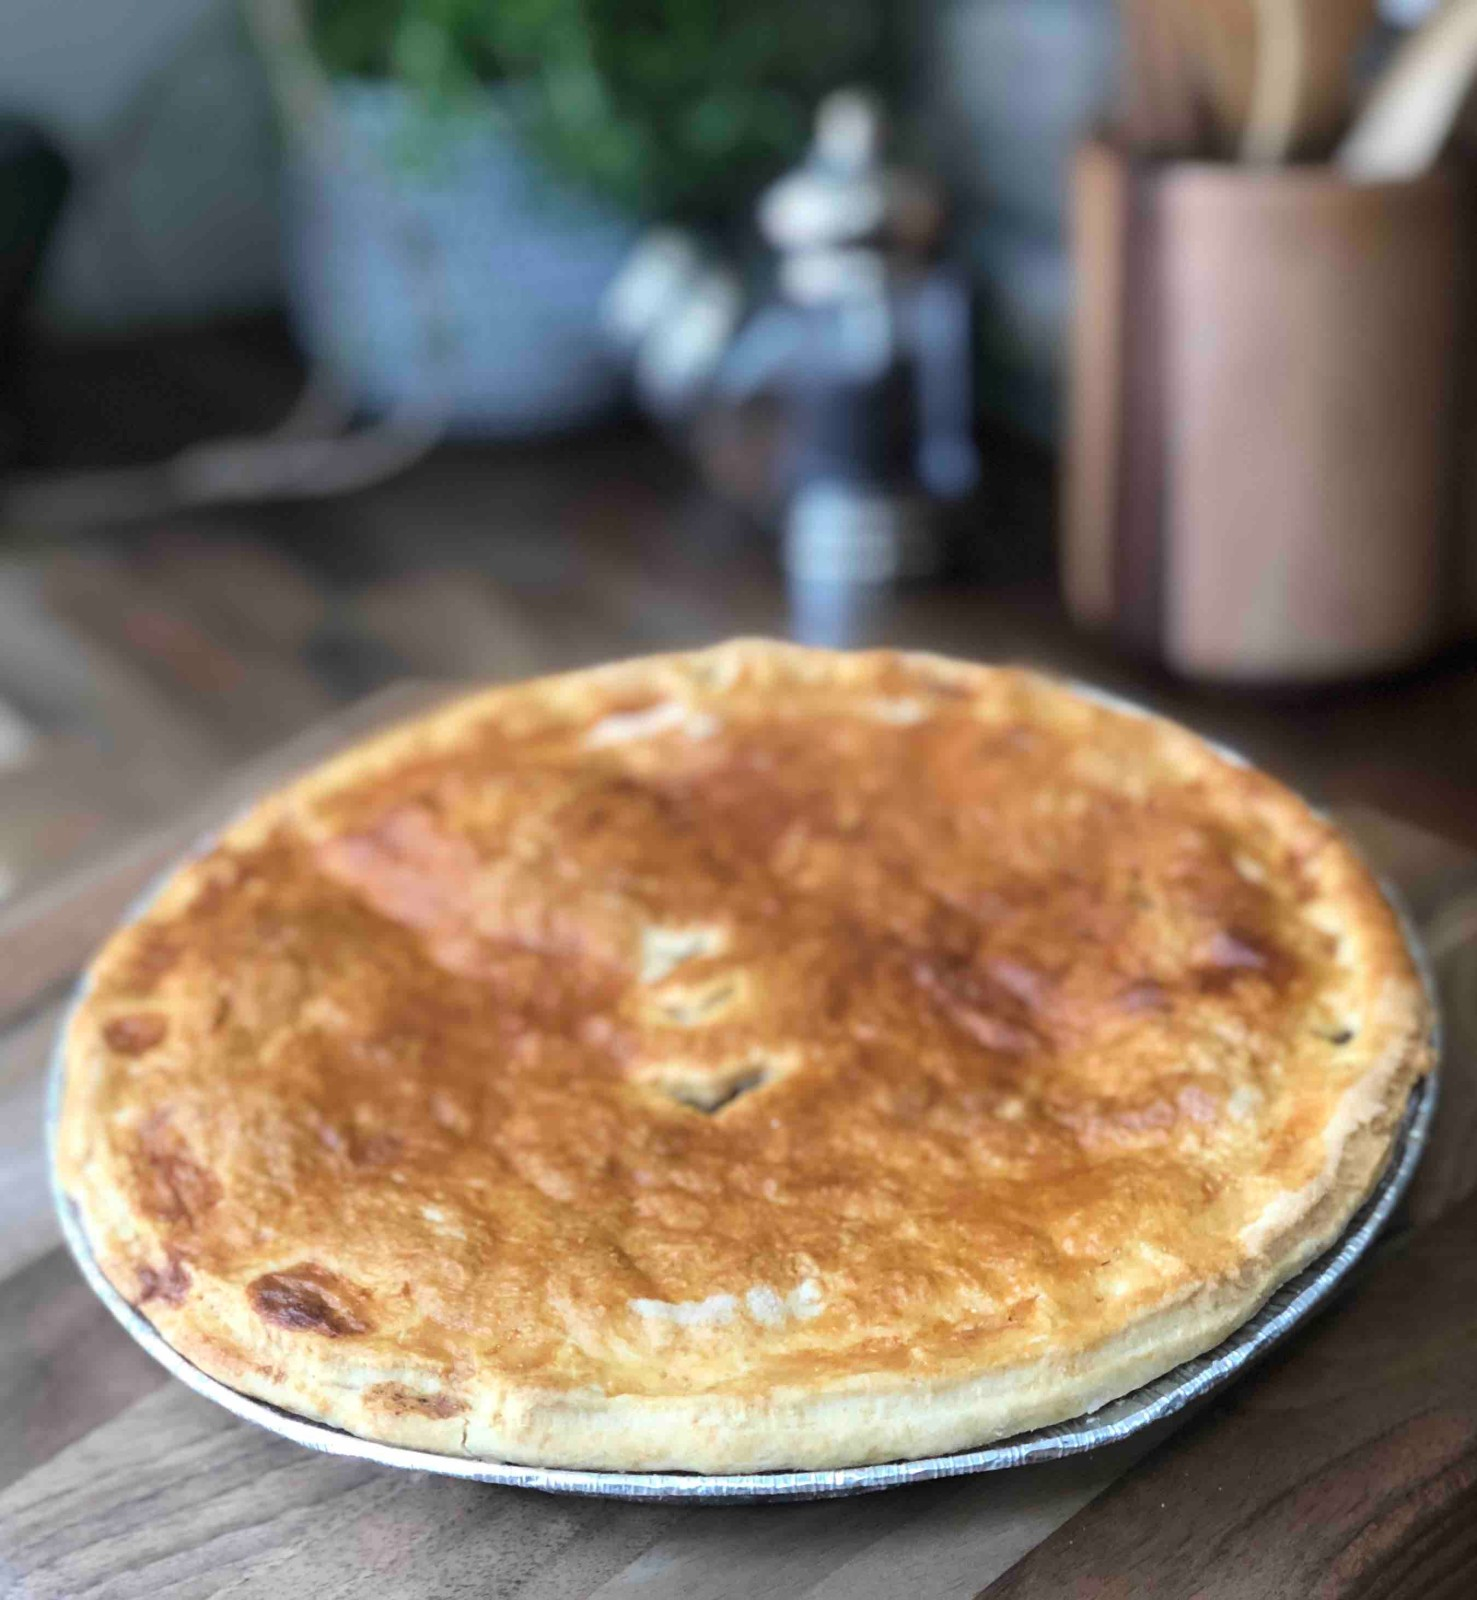 Home Baked Chicken & Leek Pie